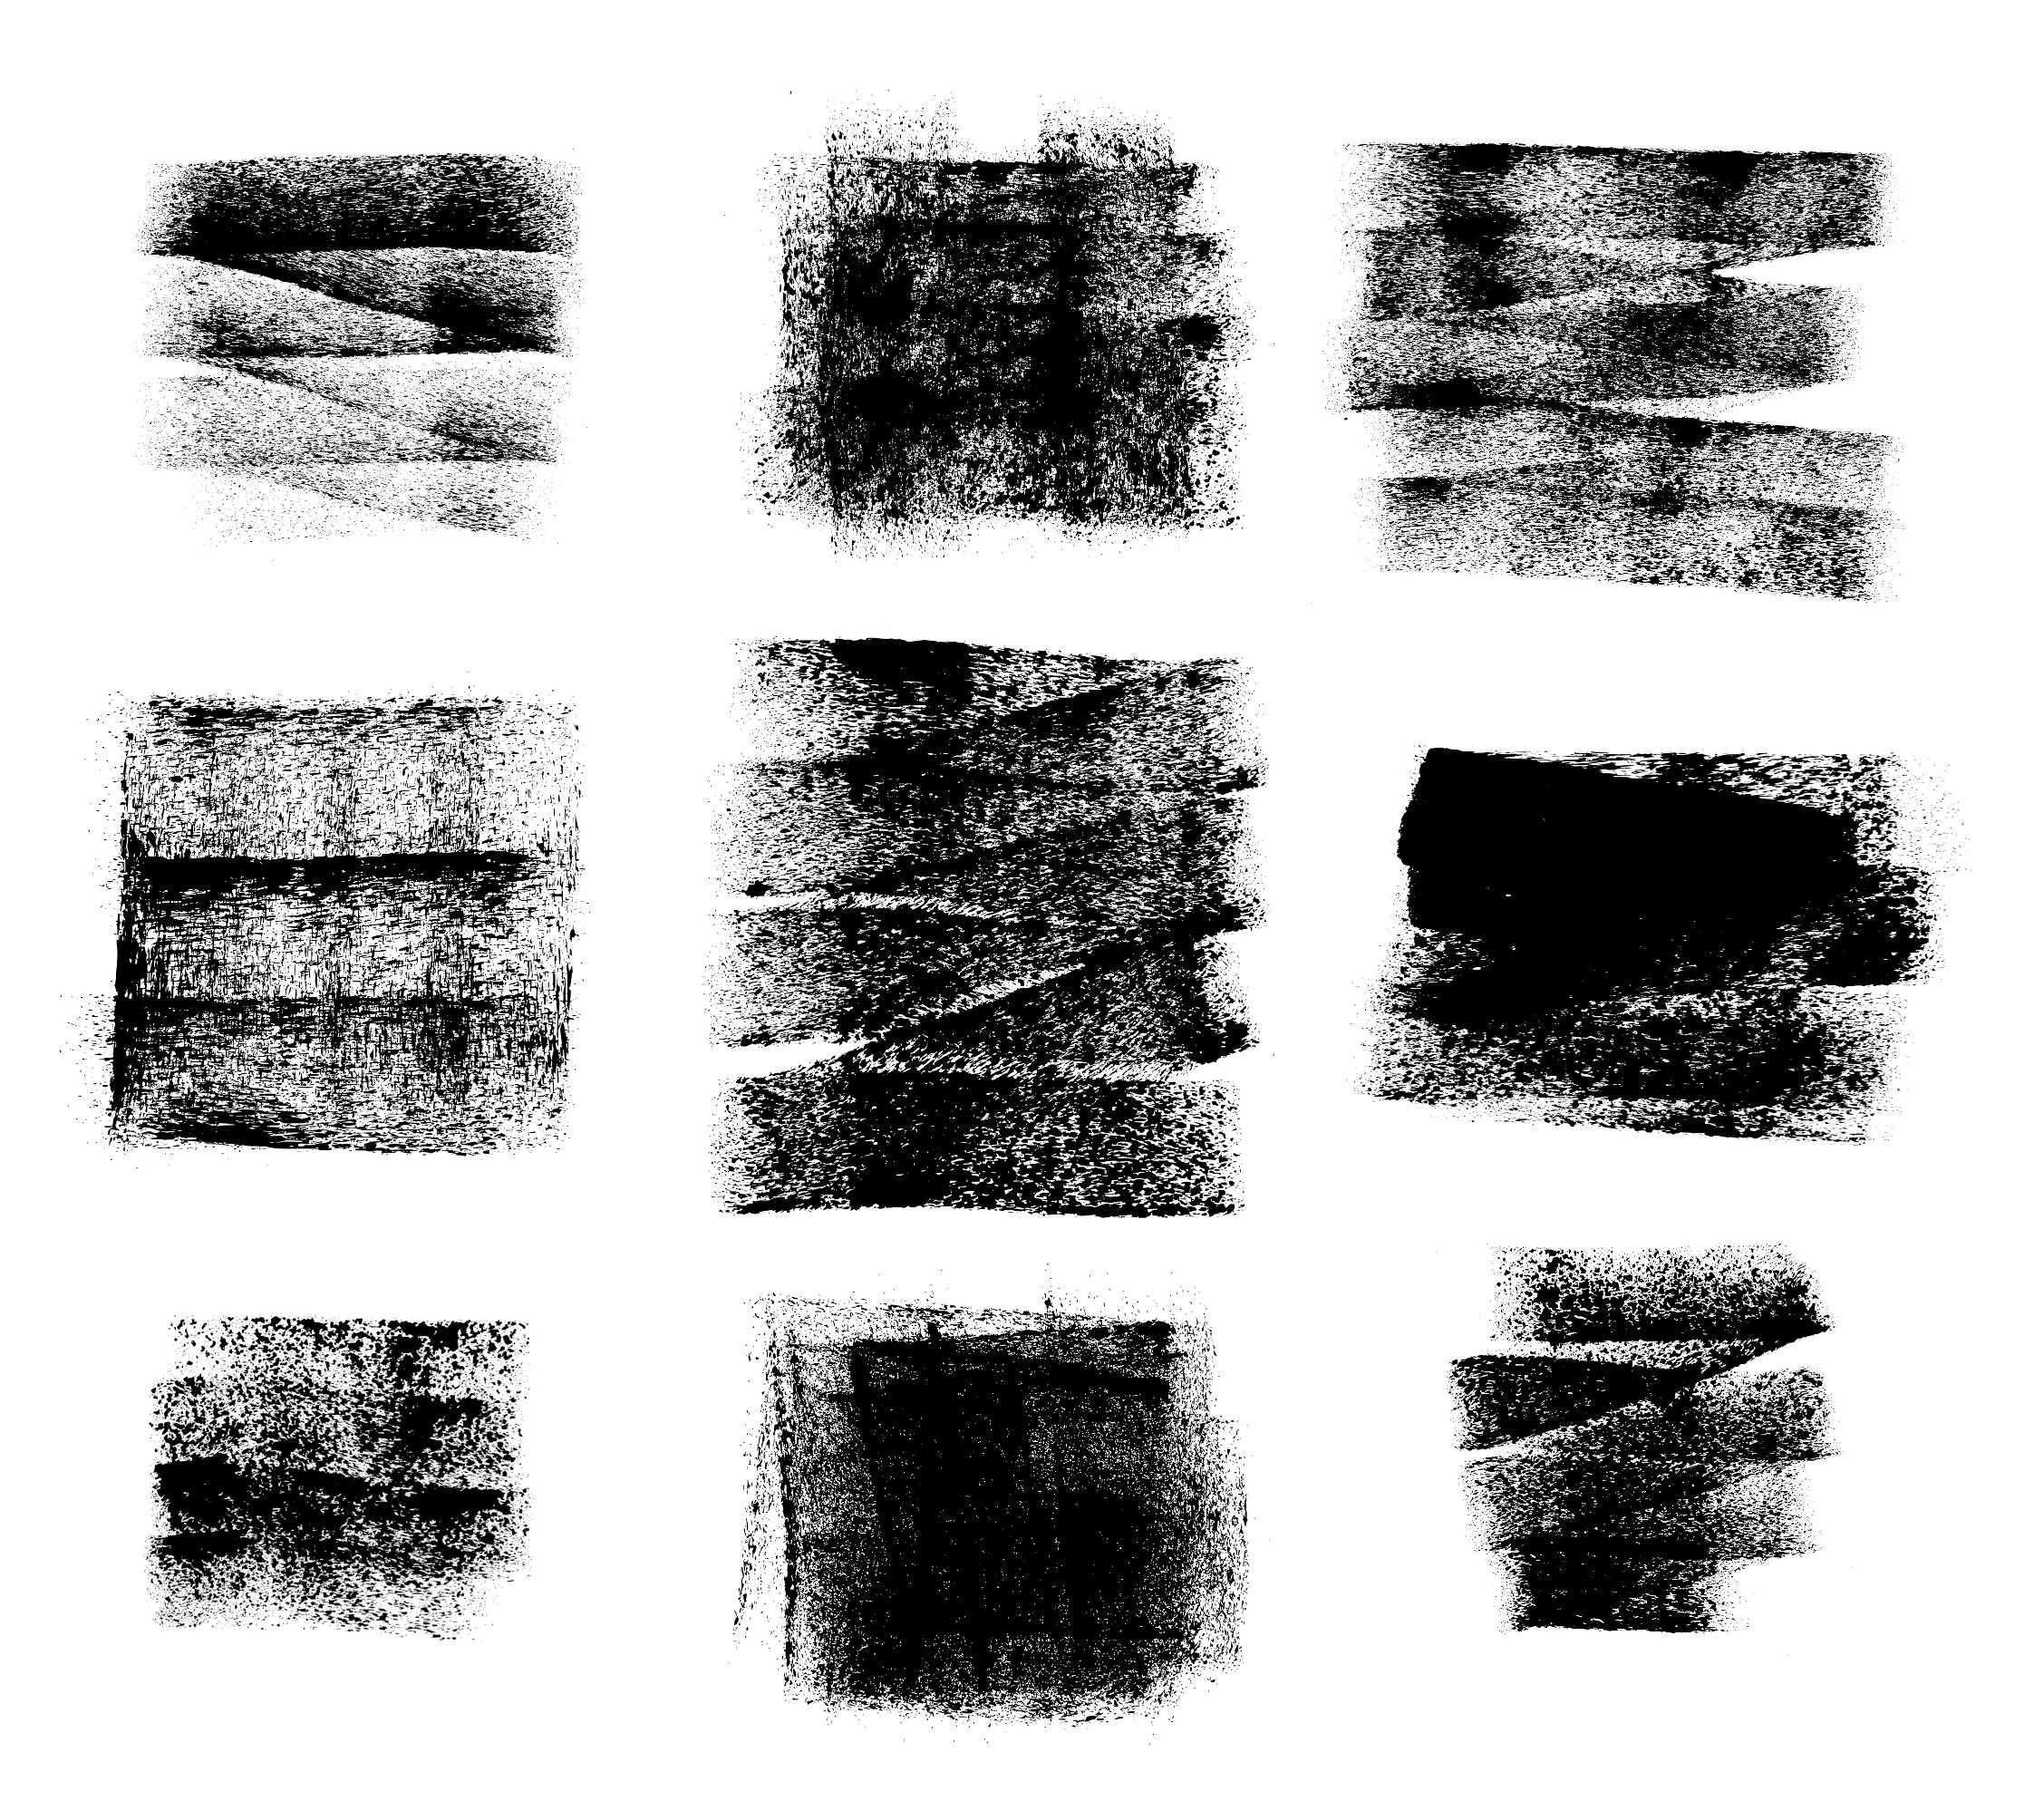 9-grunge-paint-roller-stroke-background-cover.jpg